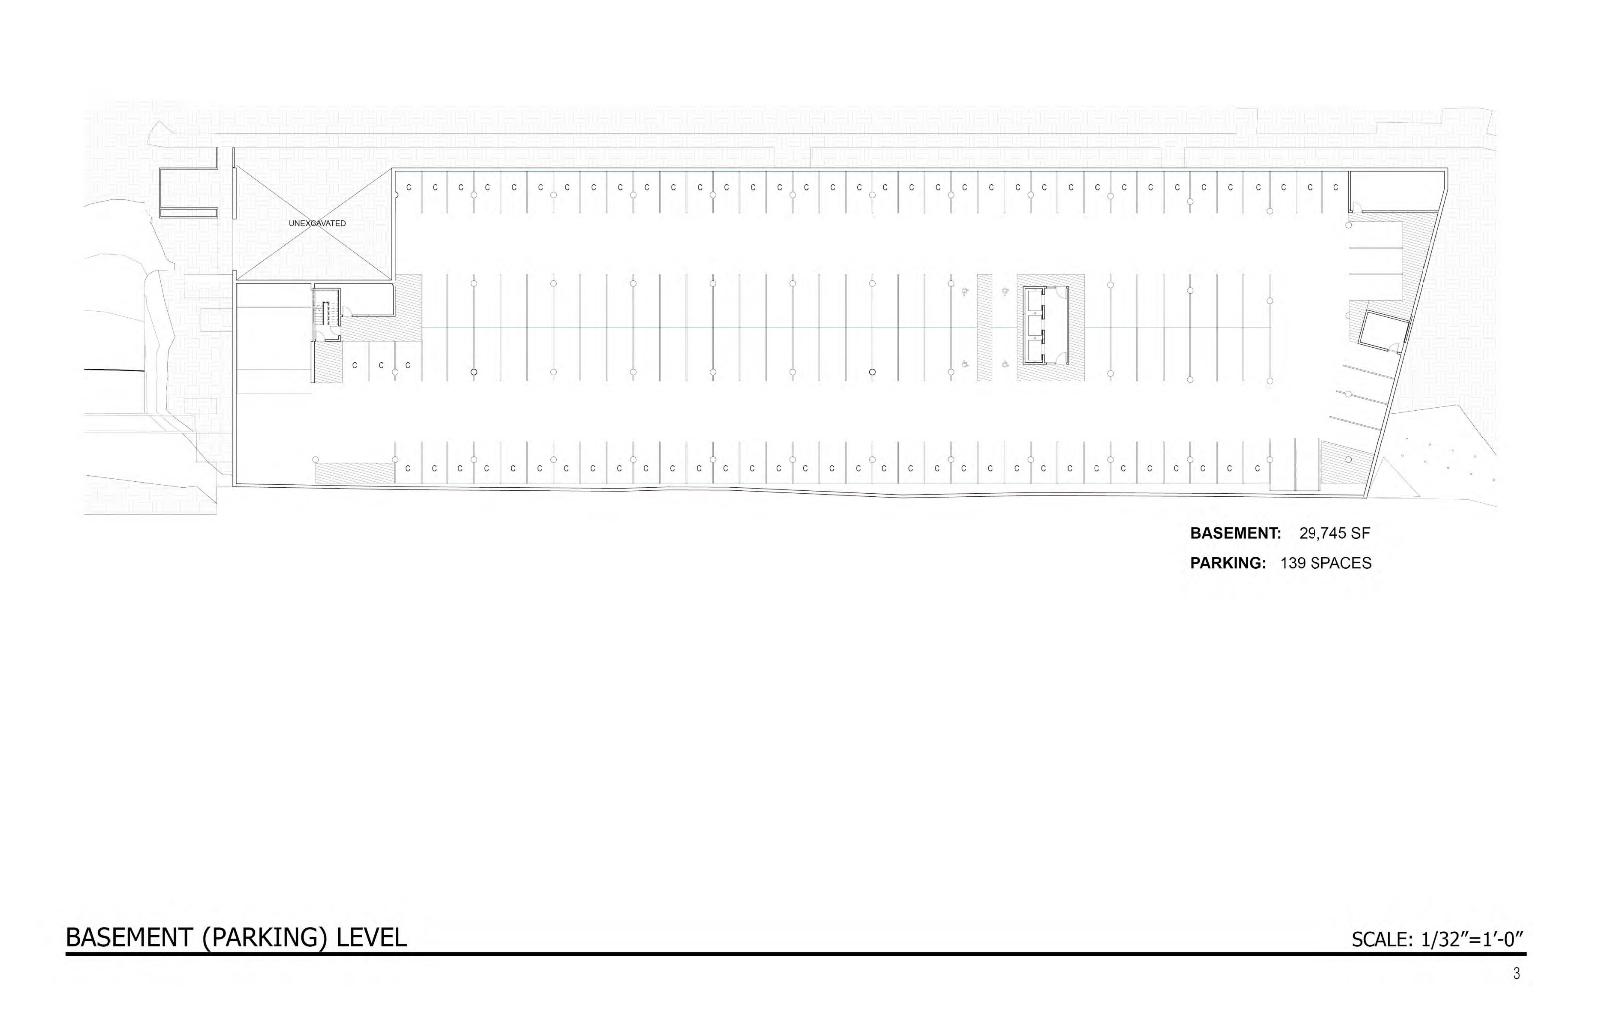 Domus Basment / Parking Plan